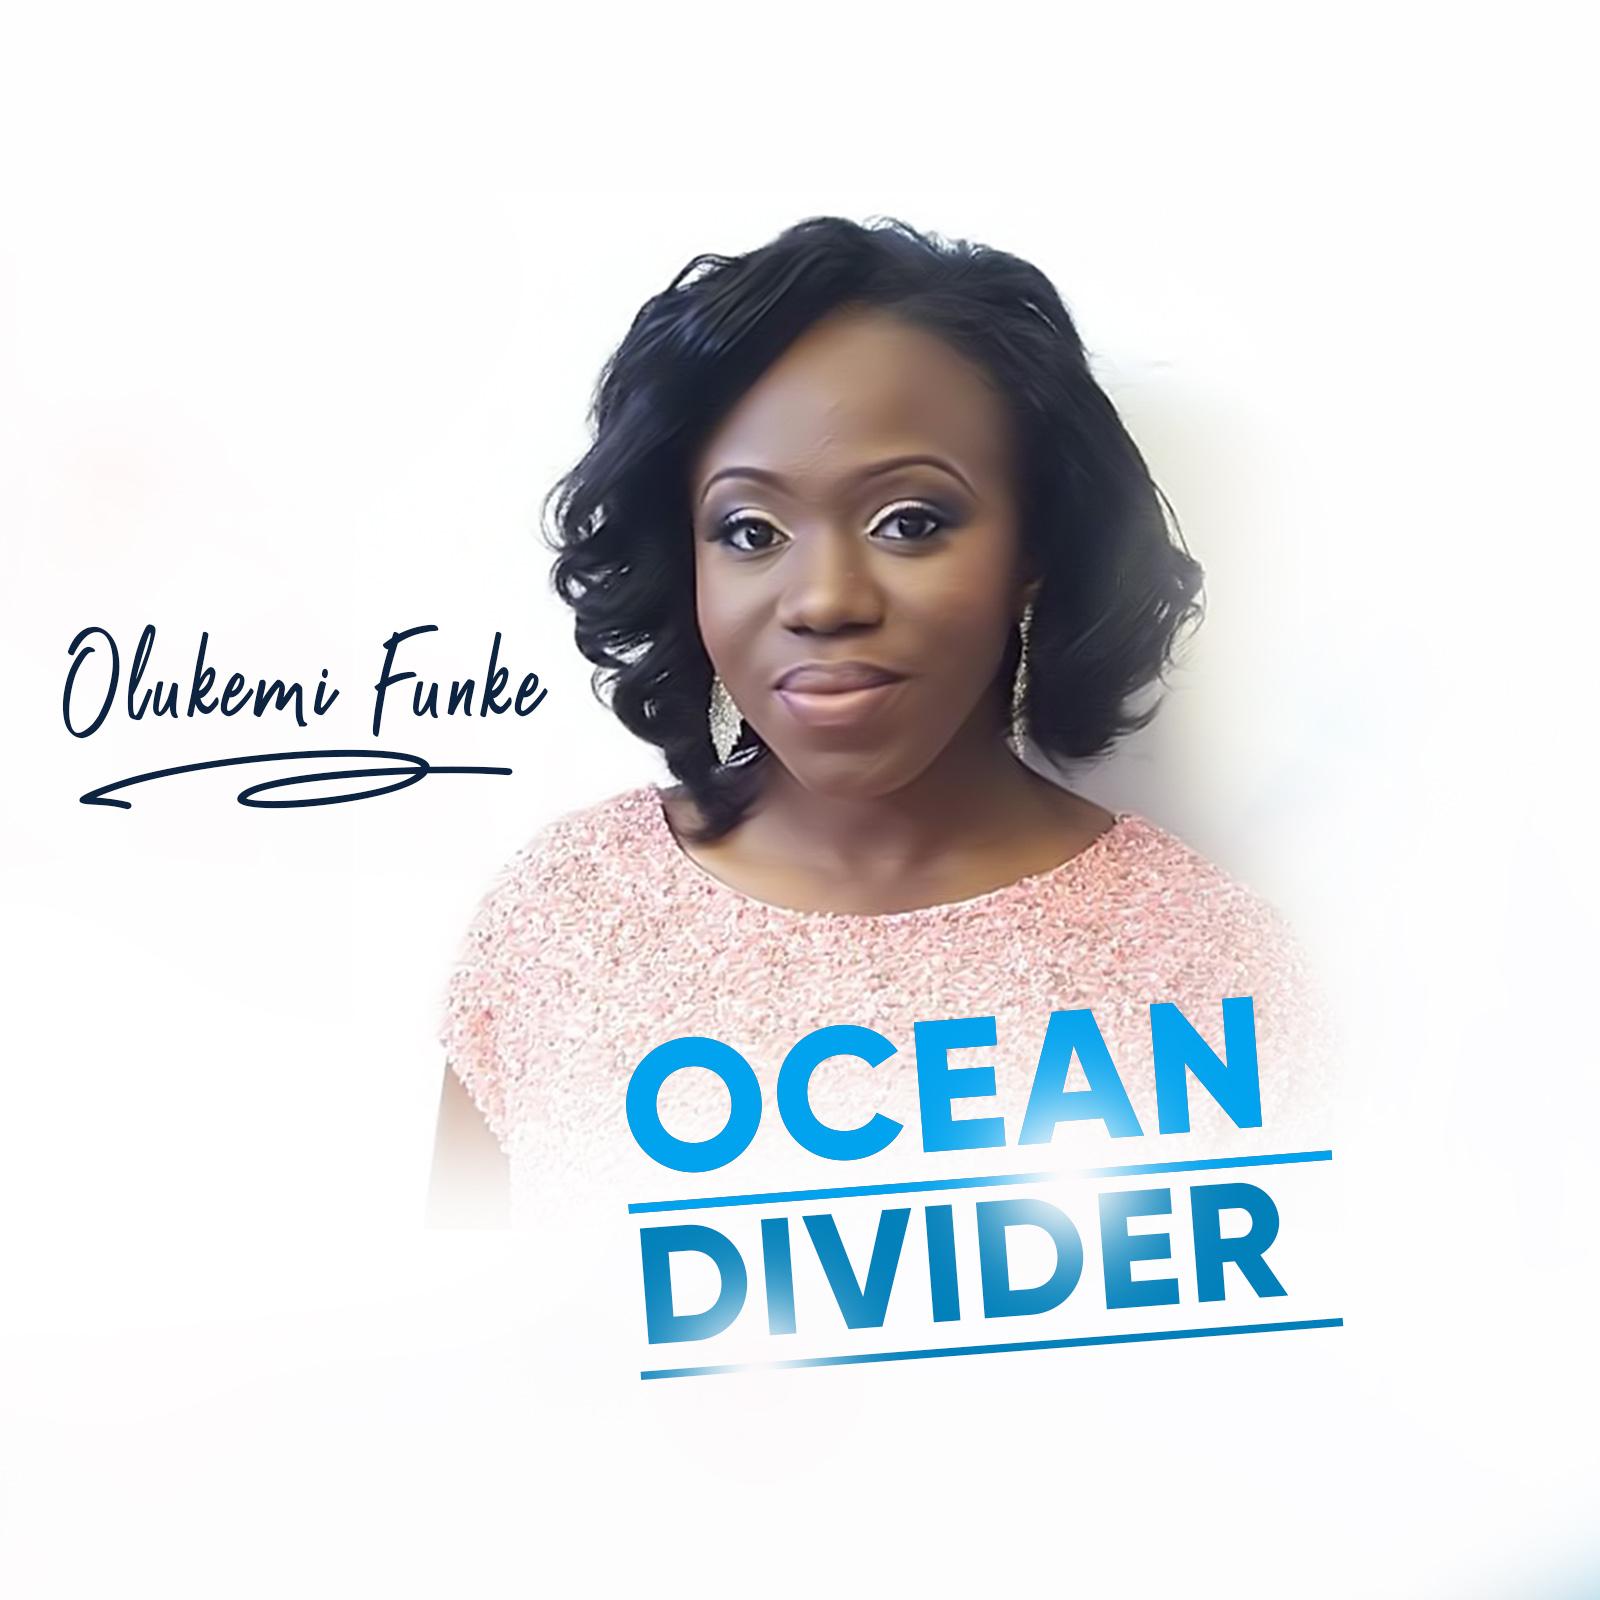 OCEAN DIVIDER - OLUKEMI FUNKE   @OLUKEMIFUNKE